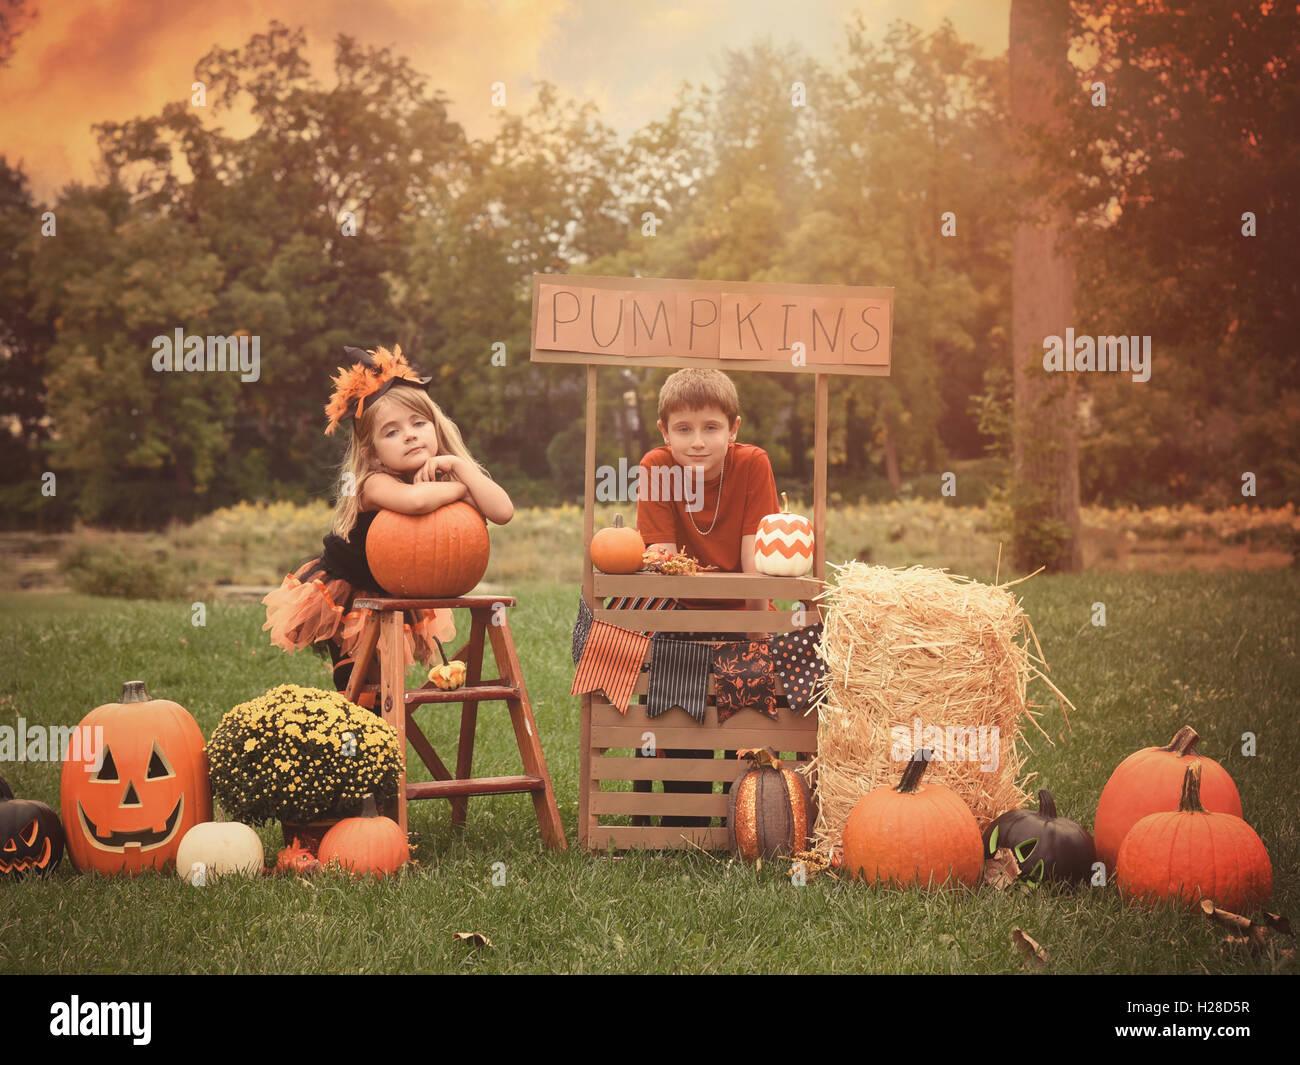 Deux enfants sont assis à l'extérieur à un support en bois vente de citrouilles d'Halloween pour une activité de vacances concept ou idée d'entreprise. Banque D'Images